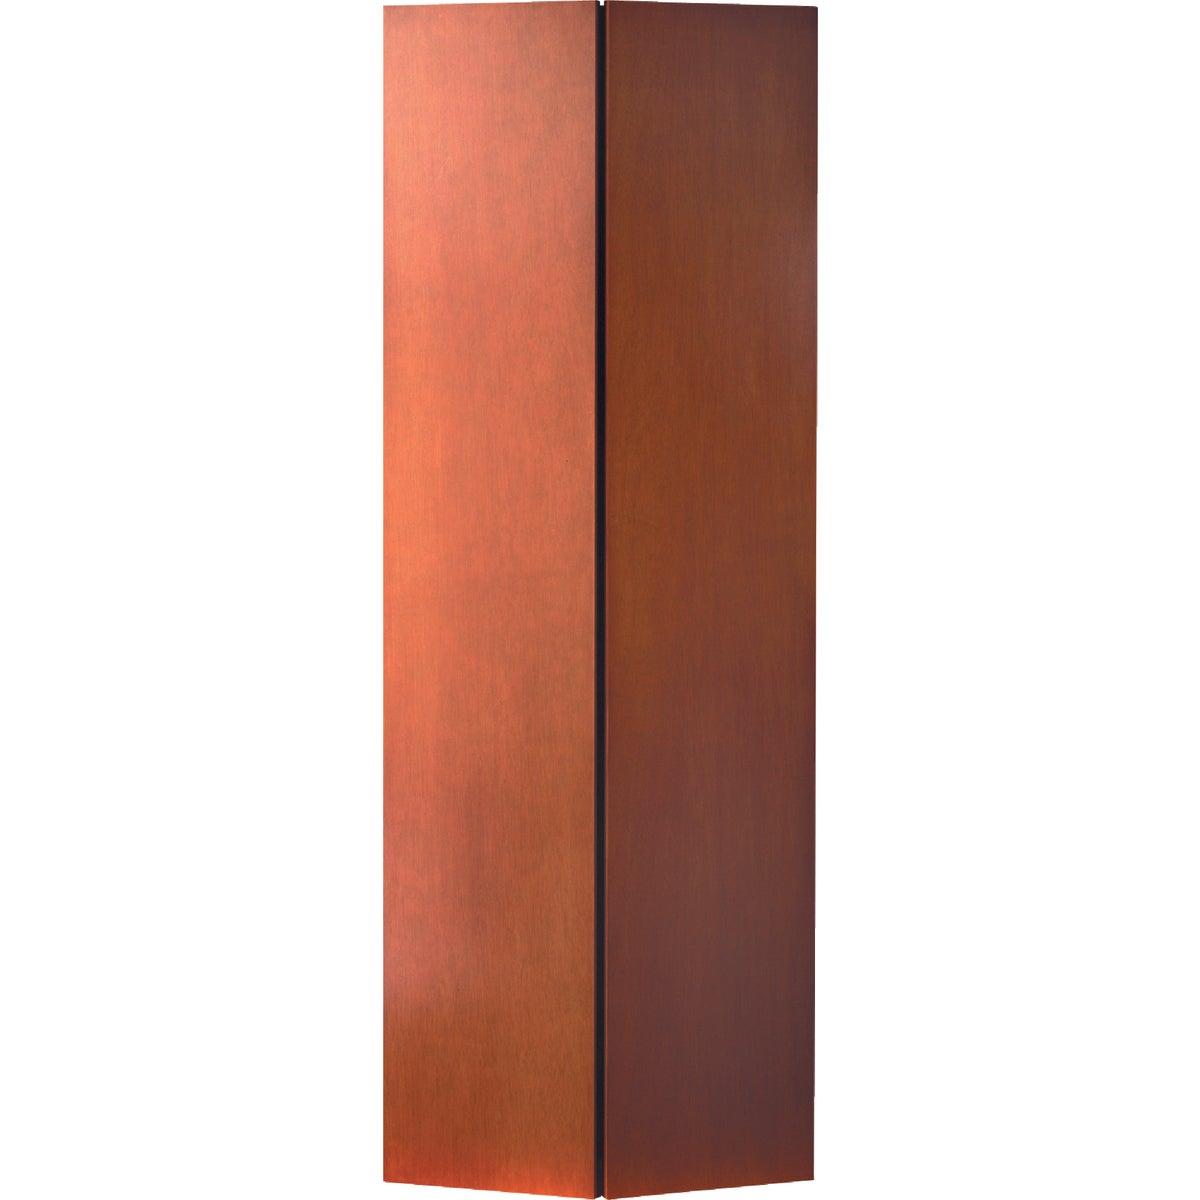 2/8 1-3/8 Luan Bfld Door